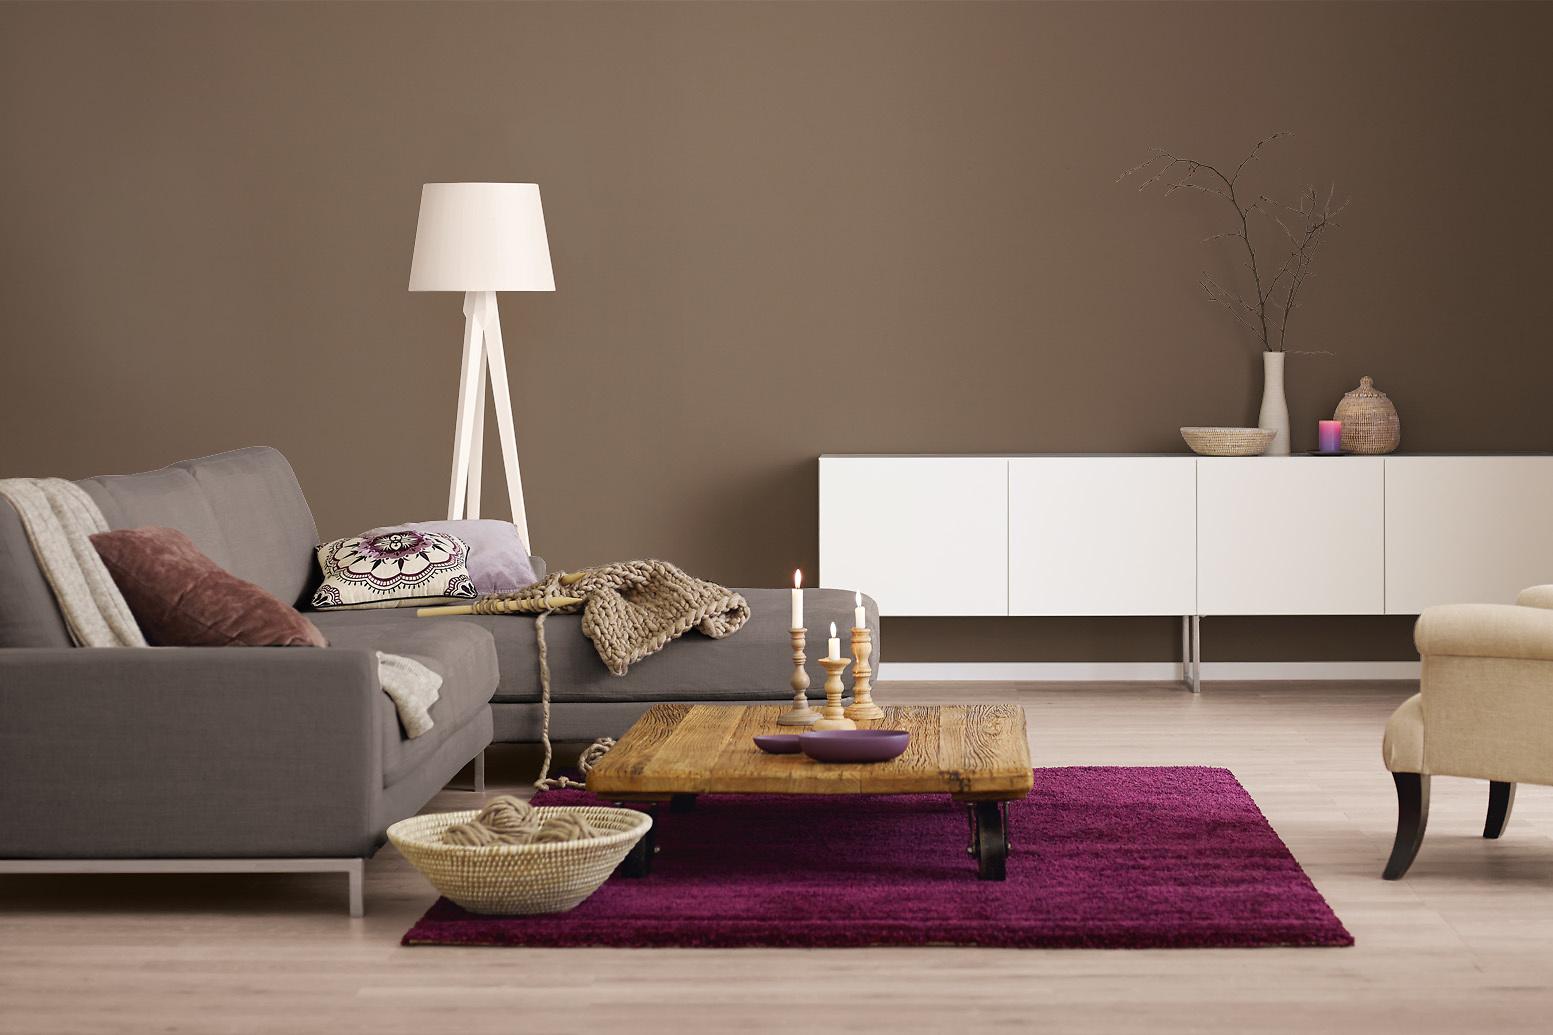 innenfarbe in braun erdbraun streichen alpina farbrezepte sanfte erde alpina farben. Black Bedroom Furniture Sets. Home Design Ideas